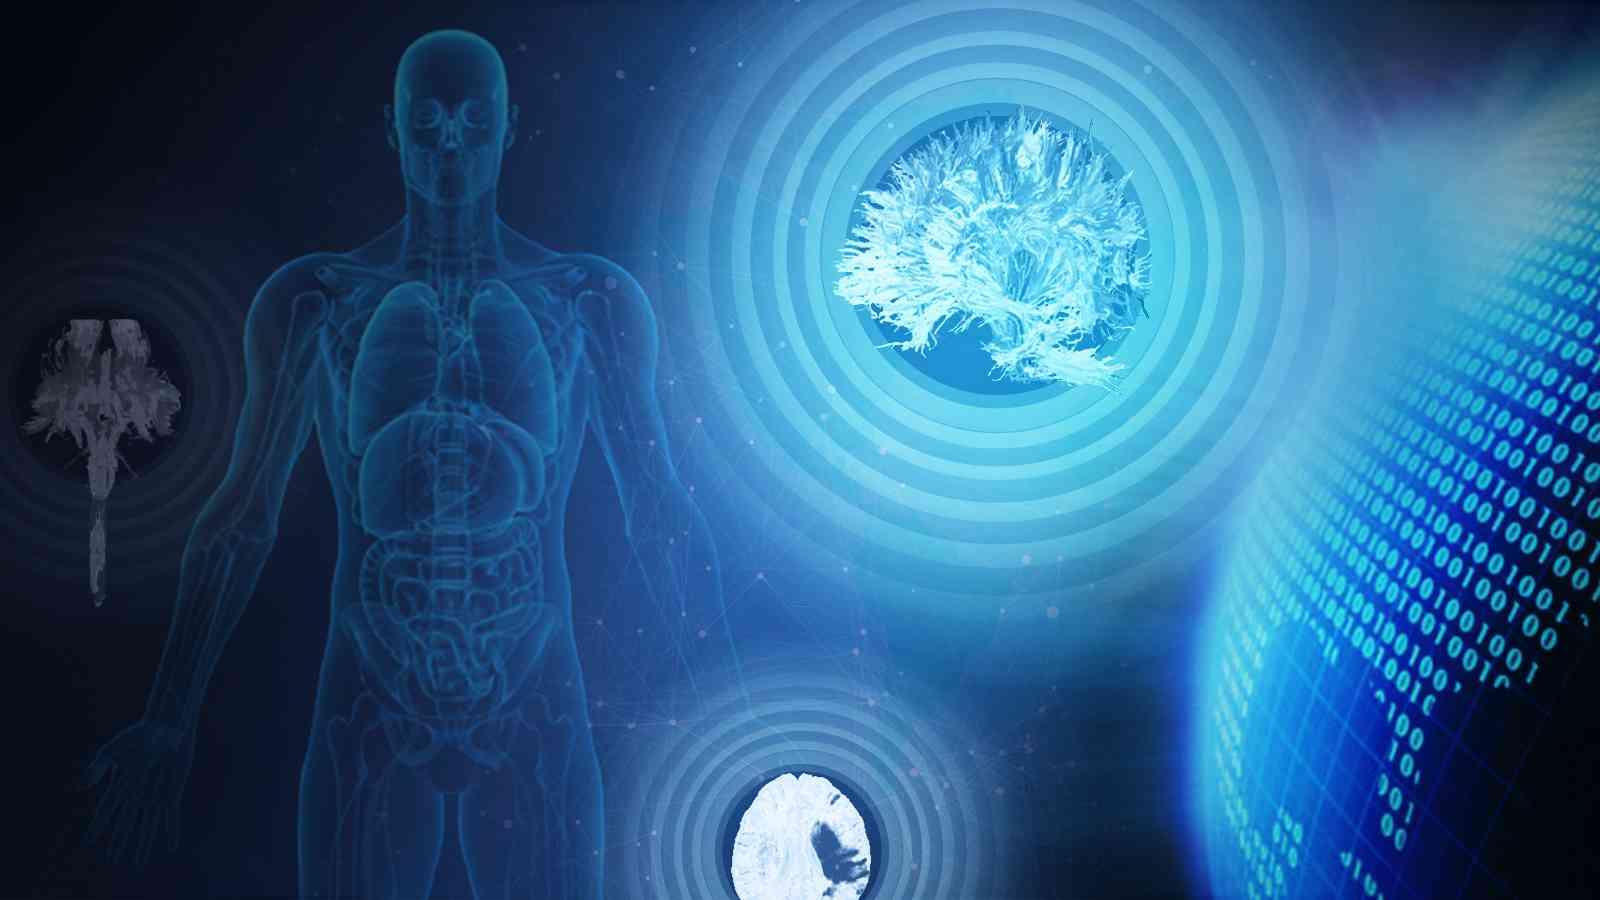 肾脏肿瘤的磁共振诊断思路